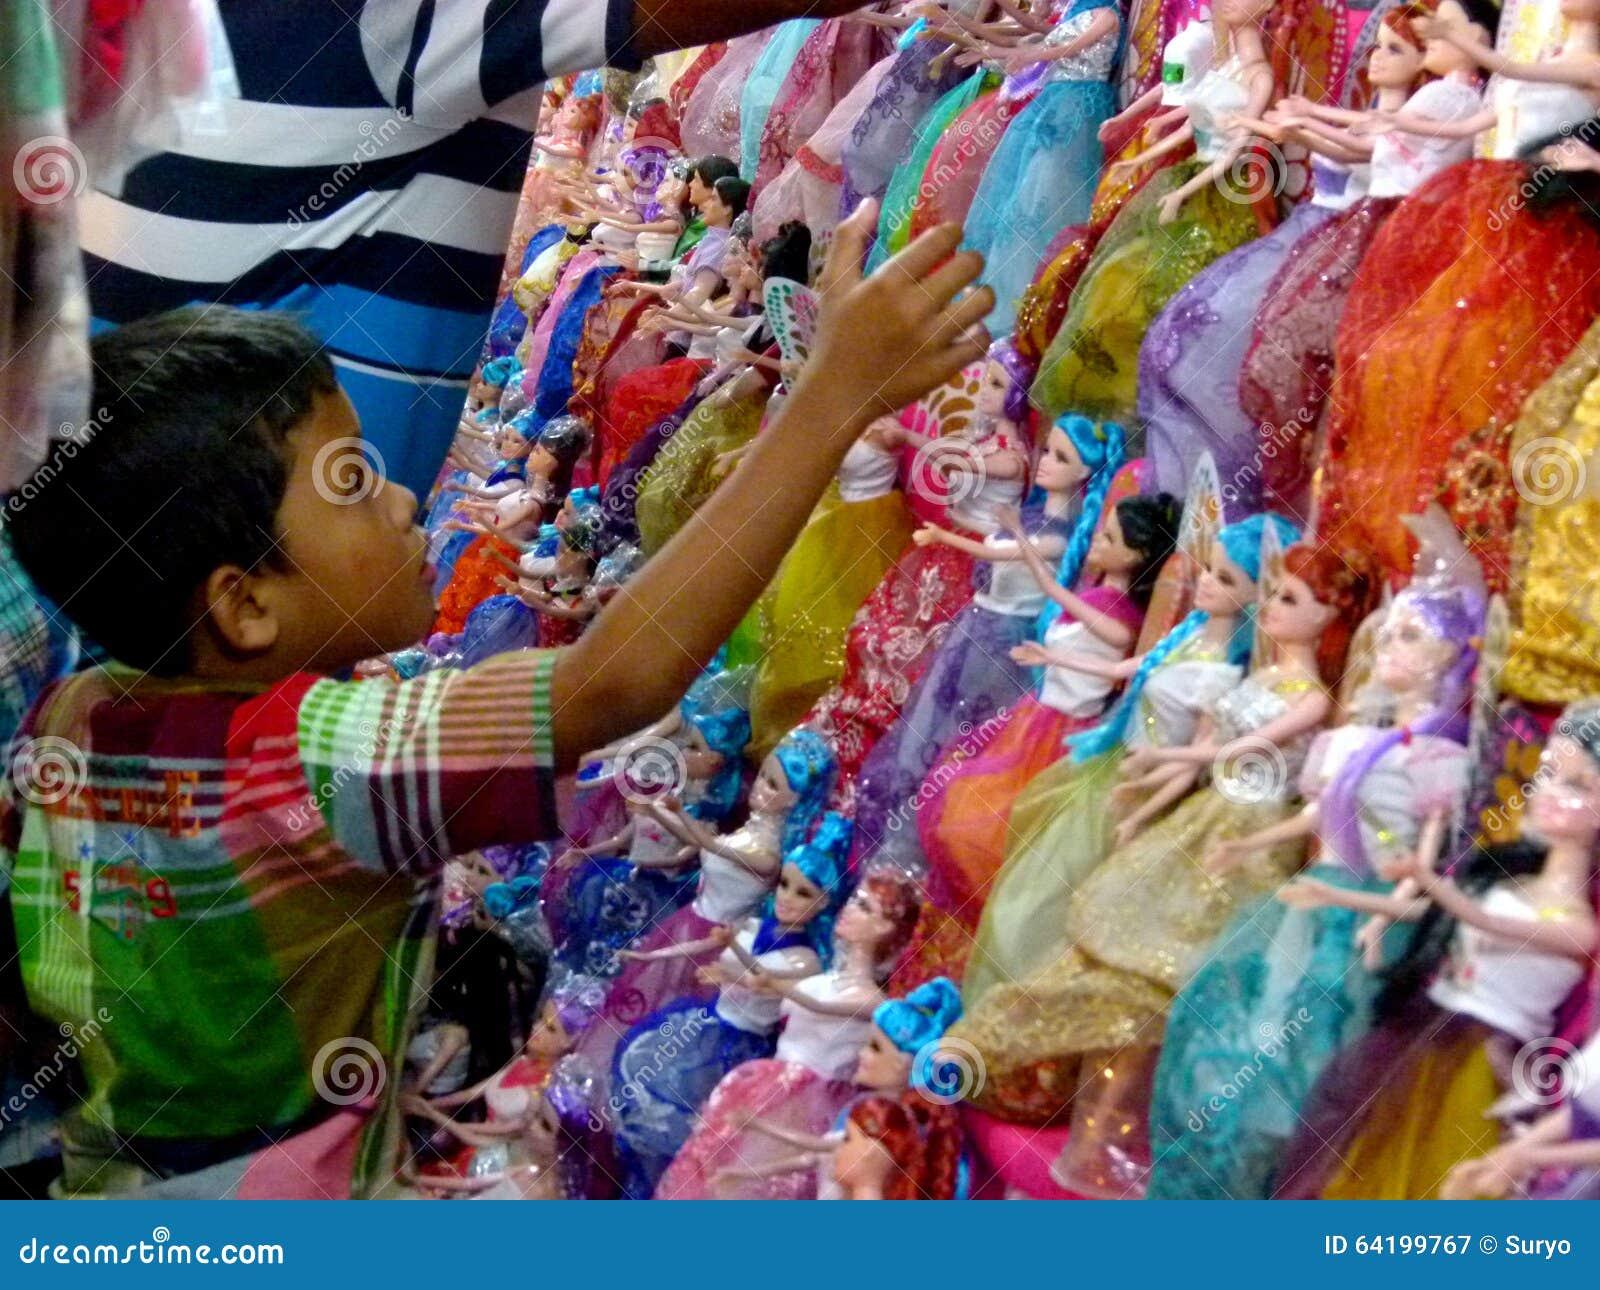 Bambole di barbie fotografia editoriale immagine 64199767 for Bambole barbie